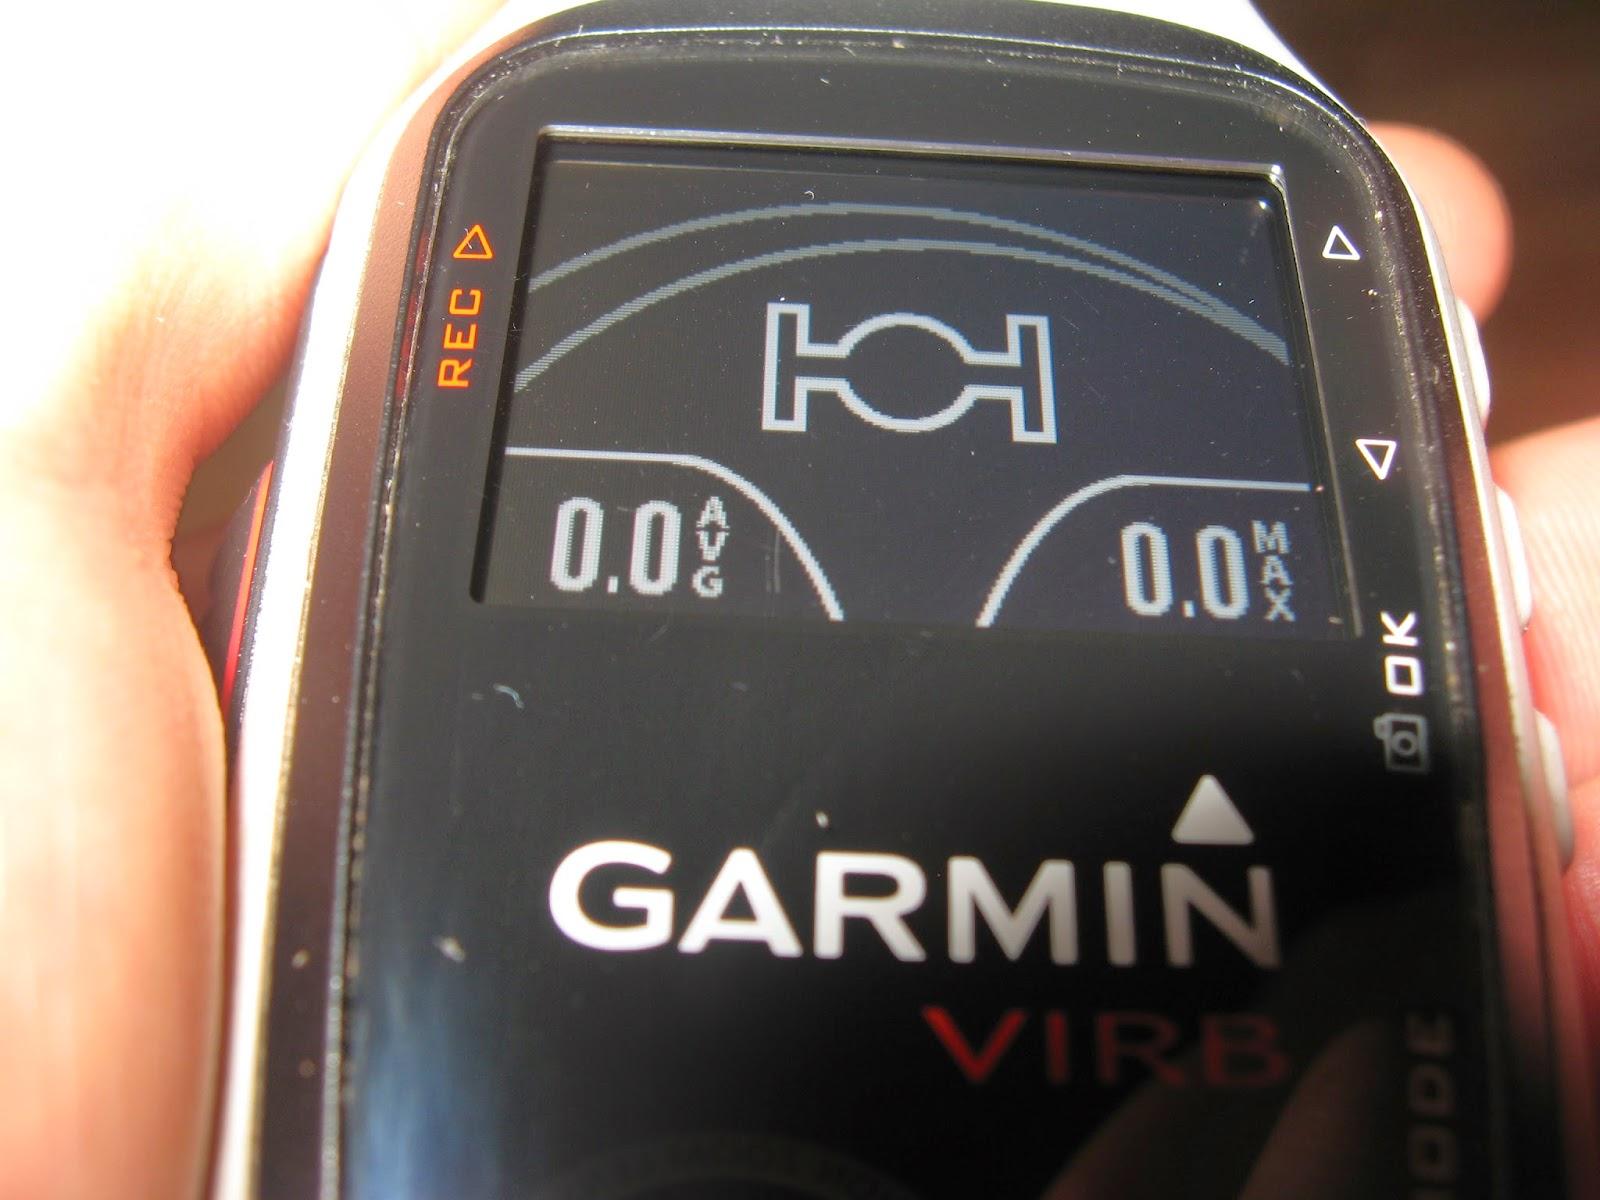 Garmin Virb Elite test kamery, ekran wyświetlacz